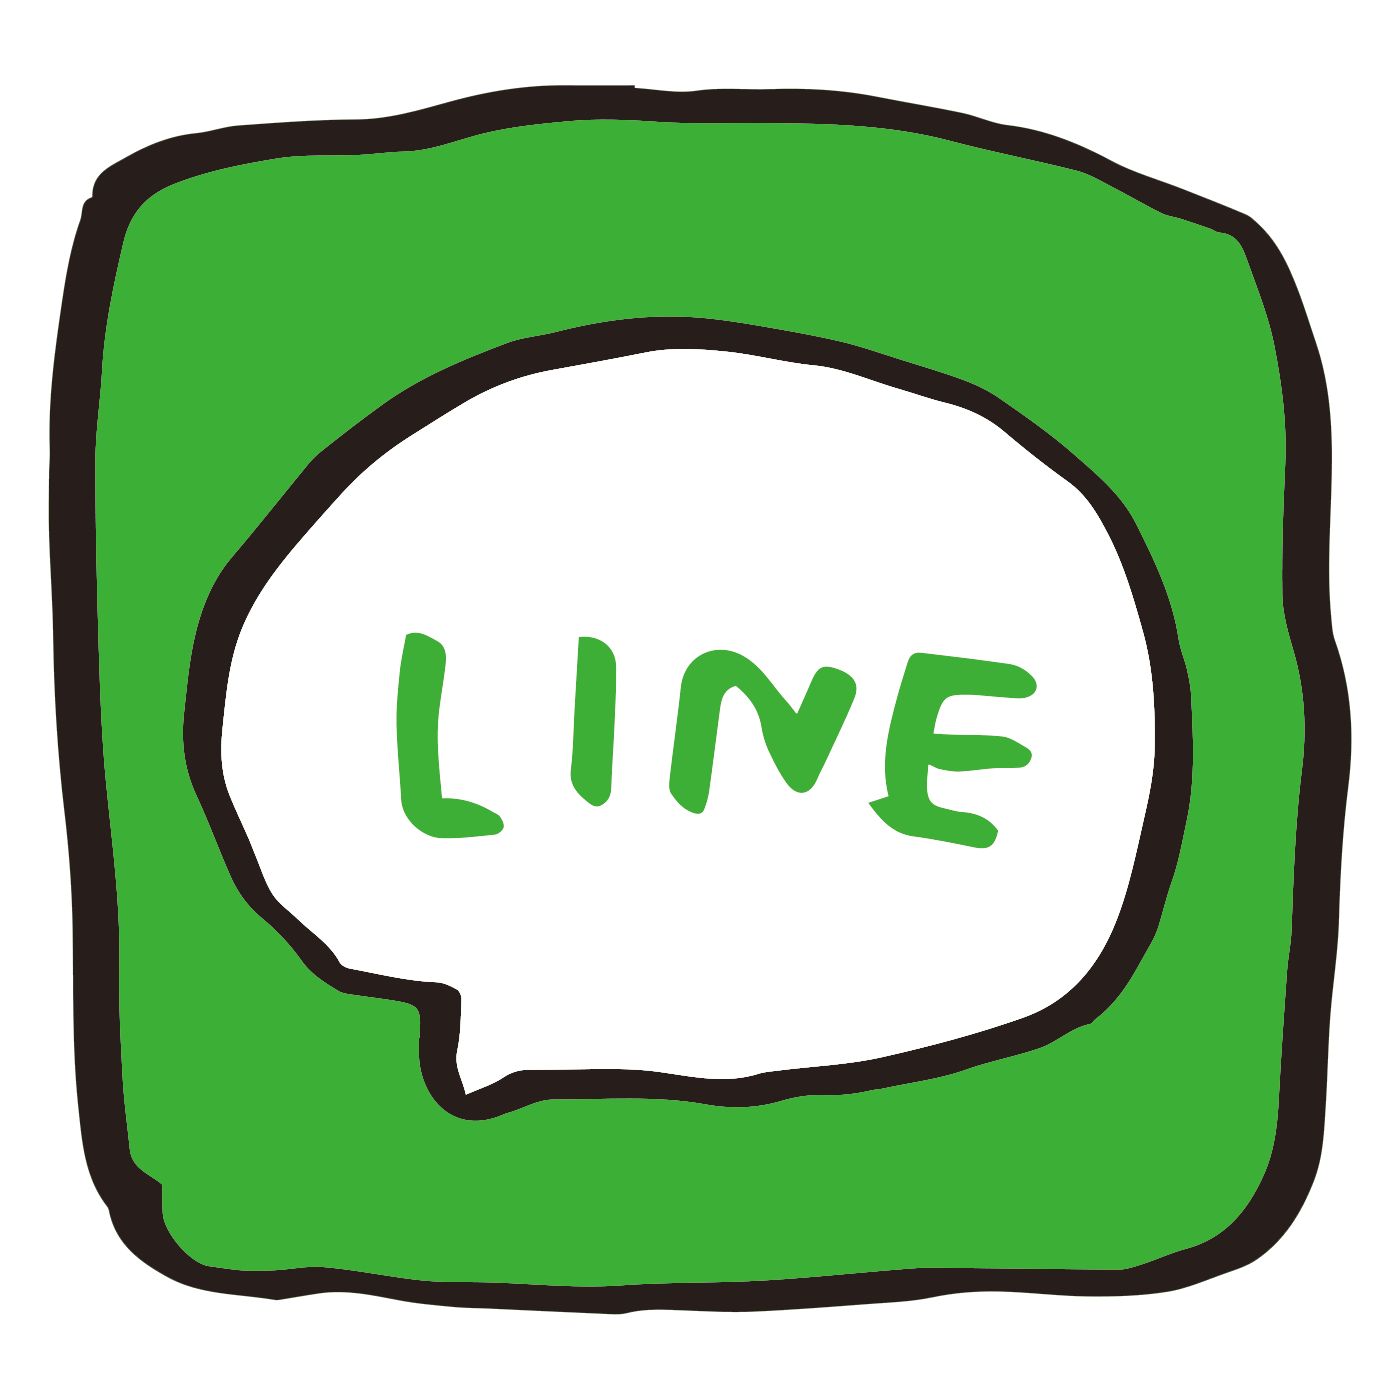 LINEの裏技 〜docomoの年齢認証回避・既読をつけないトーク消しバックアップ法など